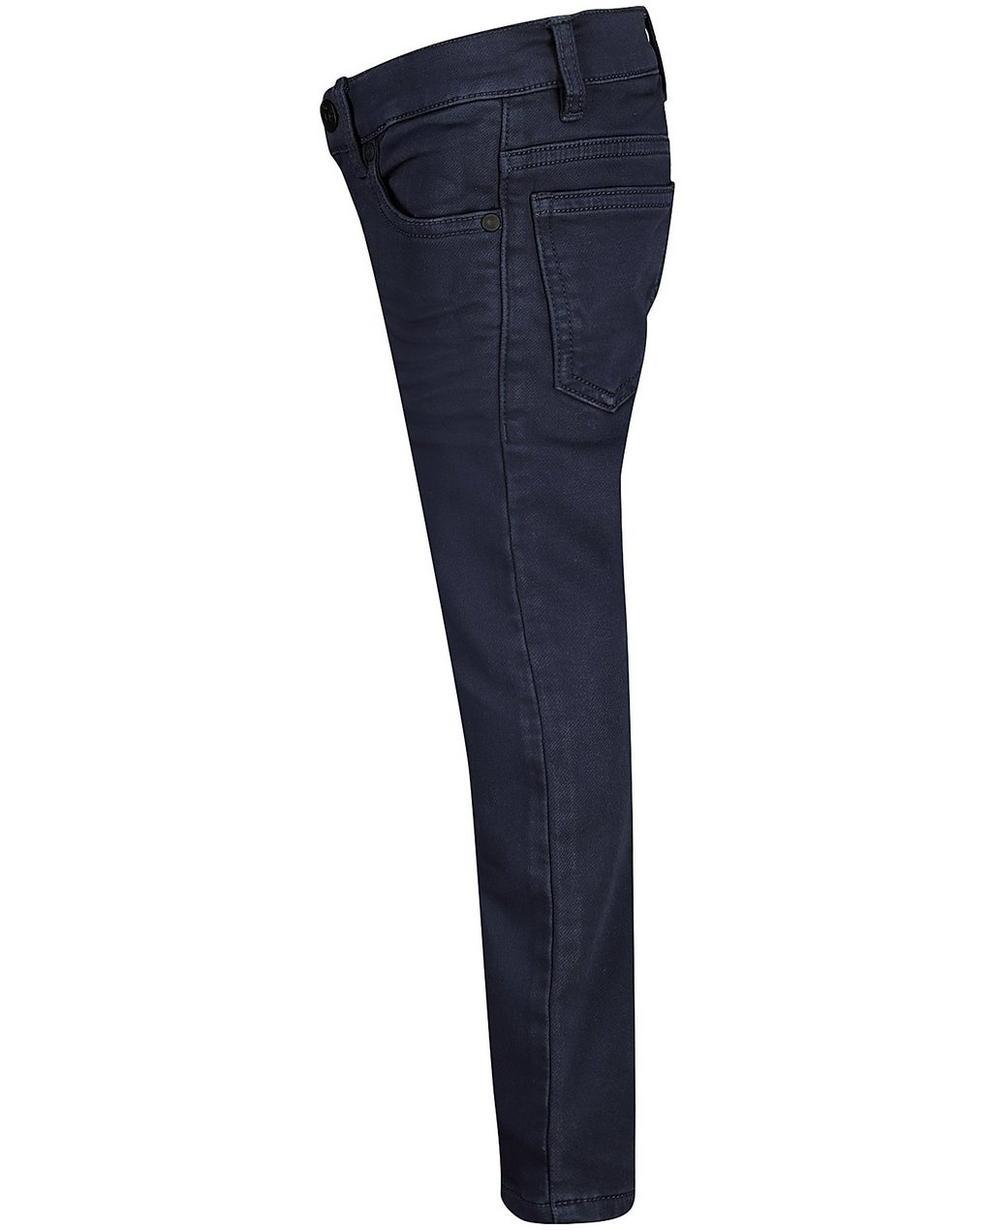 Pantalons - navy - Jeans skinny JOEY, 2-7